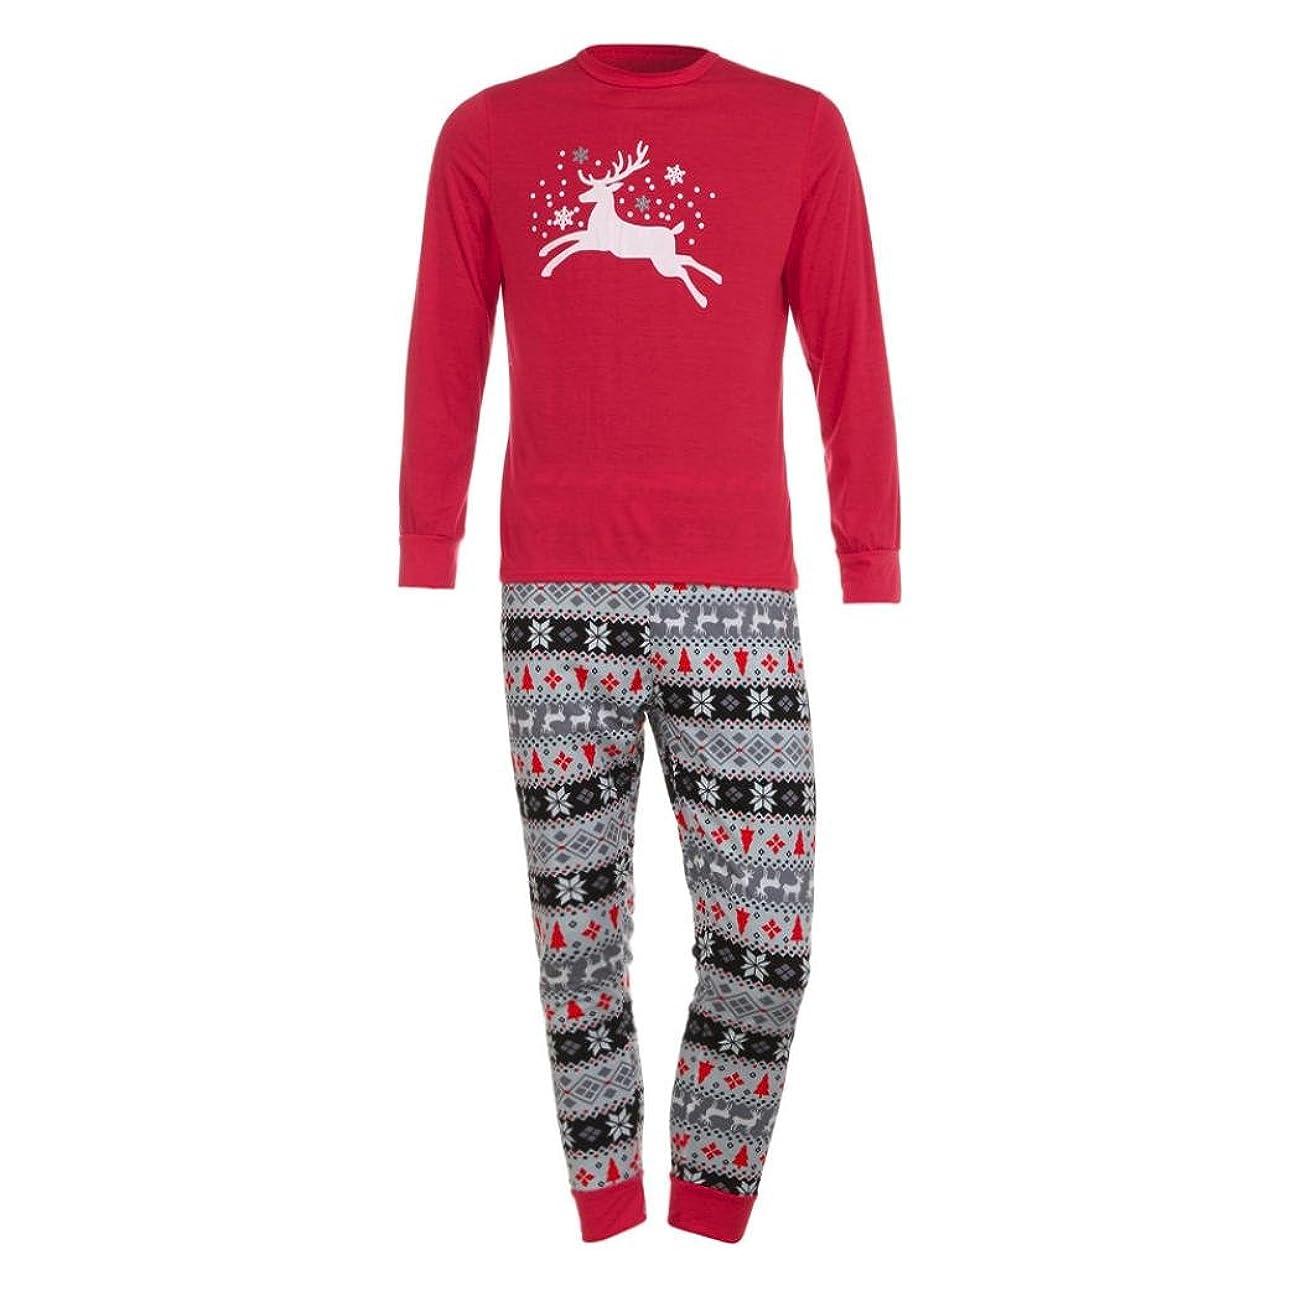 一定カビ証拠ファミリMatchingパジャマセットクリスマス鹿Tシャツトップスブラウスパンツfor the Family (メンズ) L グレイ TZZ70703662